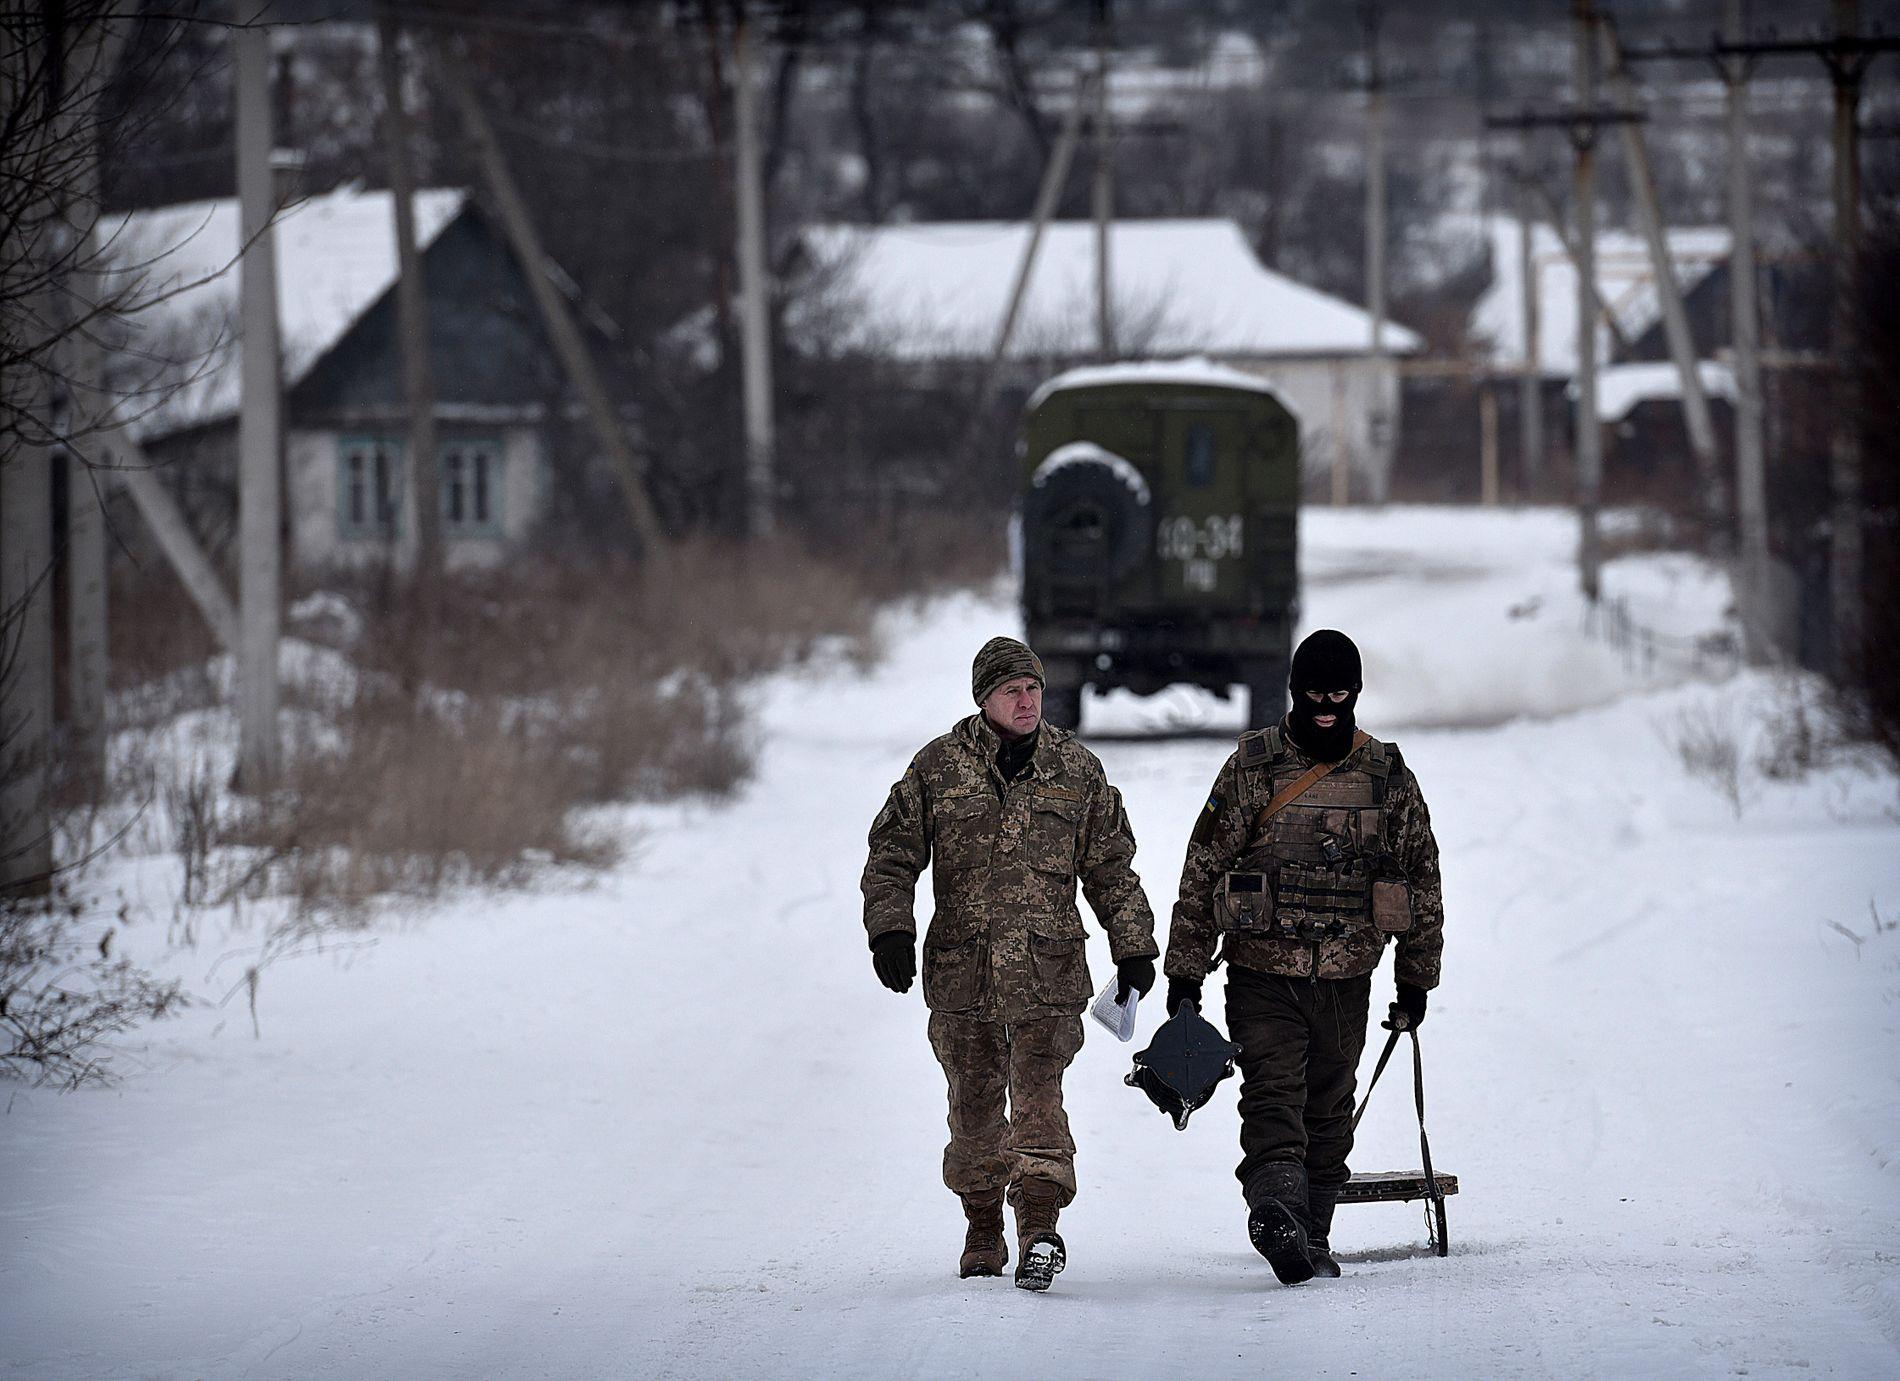 TATT OVER AV SOLDATER: Den ukrainske hæren er stasjonert i landsbyen Zhovanka, midt på frontlinjen mellom ukrainske styrker og de russiske opprørerne i Øst-Ukraina. Daglig opplever innbyggerne der skuddvekslinger.  Foto: HARALD HENDEN, VG